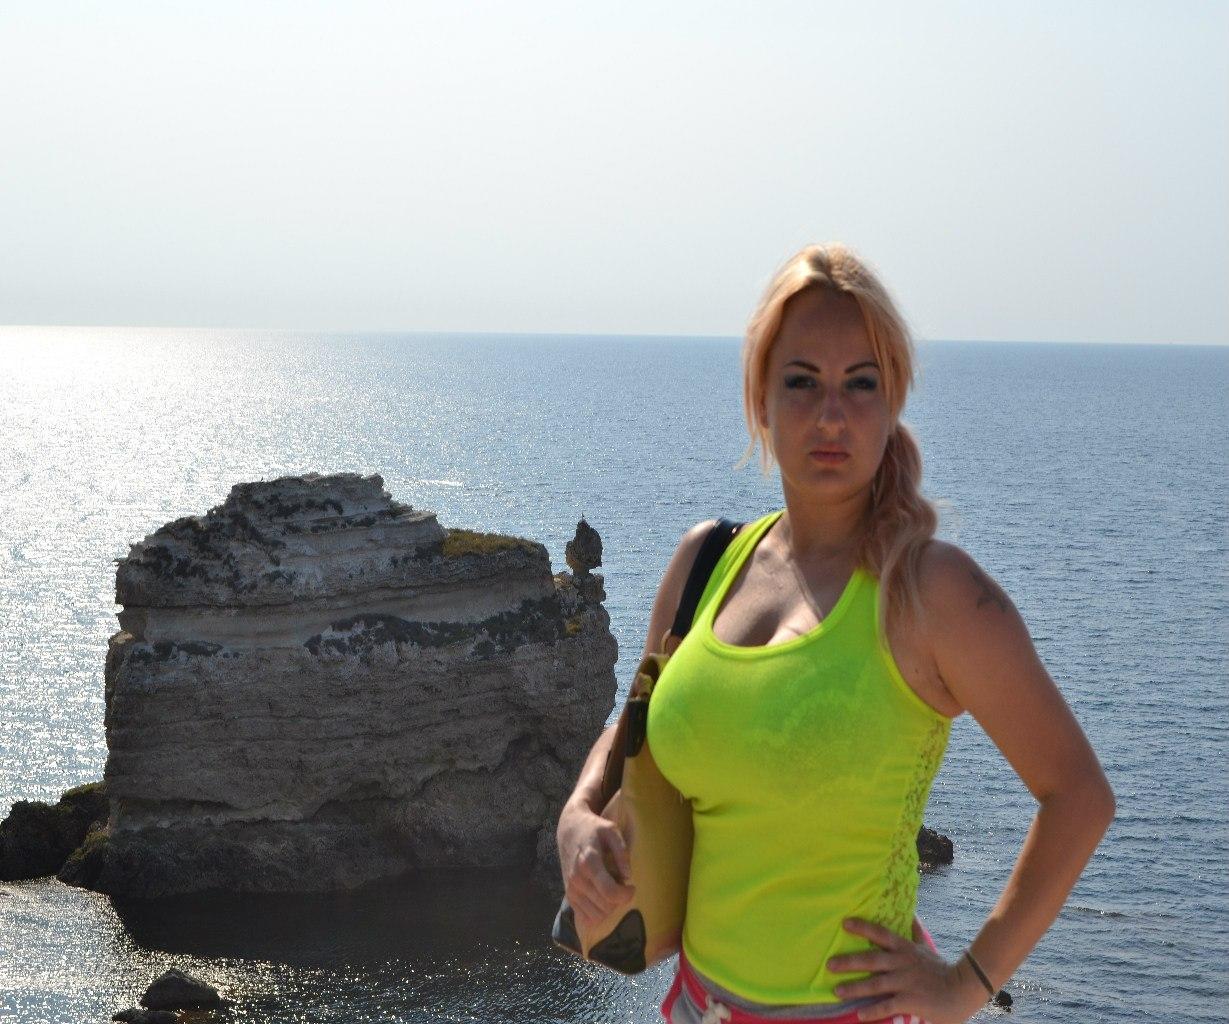 Елена Руденко. Мои путешествия (фото/видео) - Страница 2 _hBDSwb7zkw